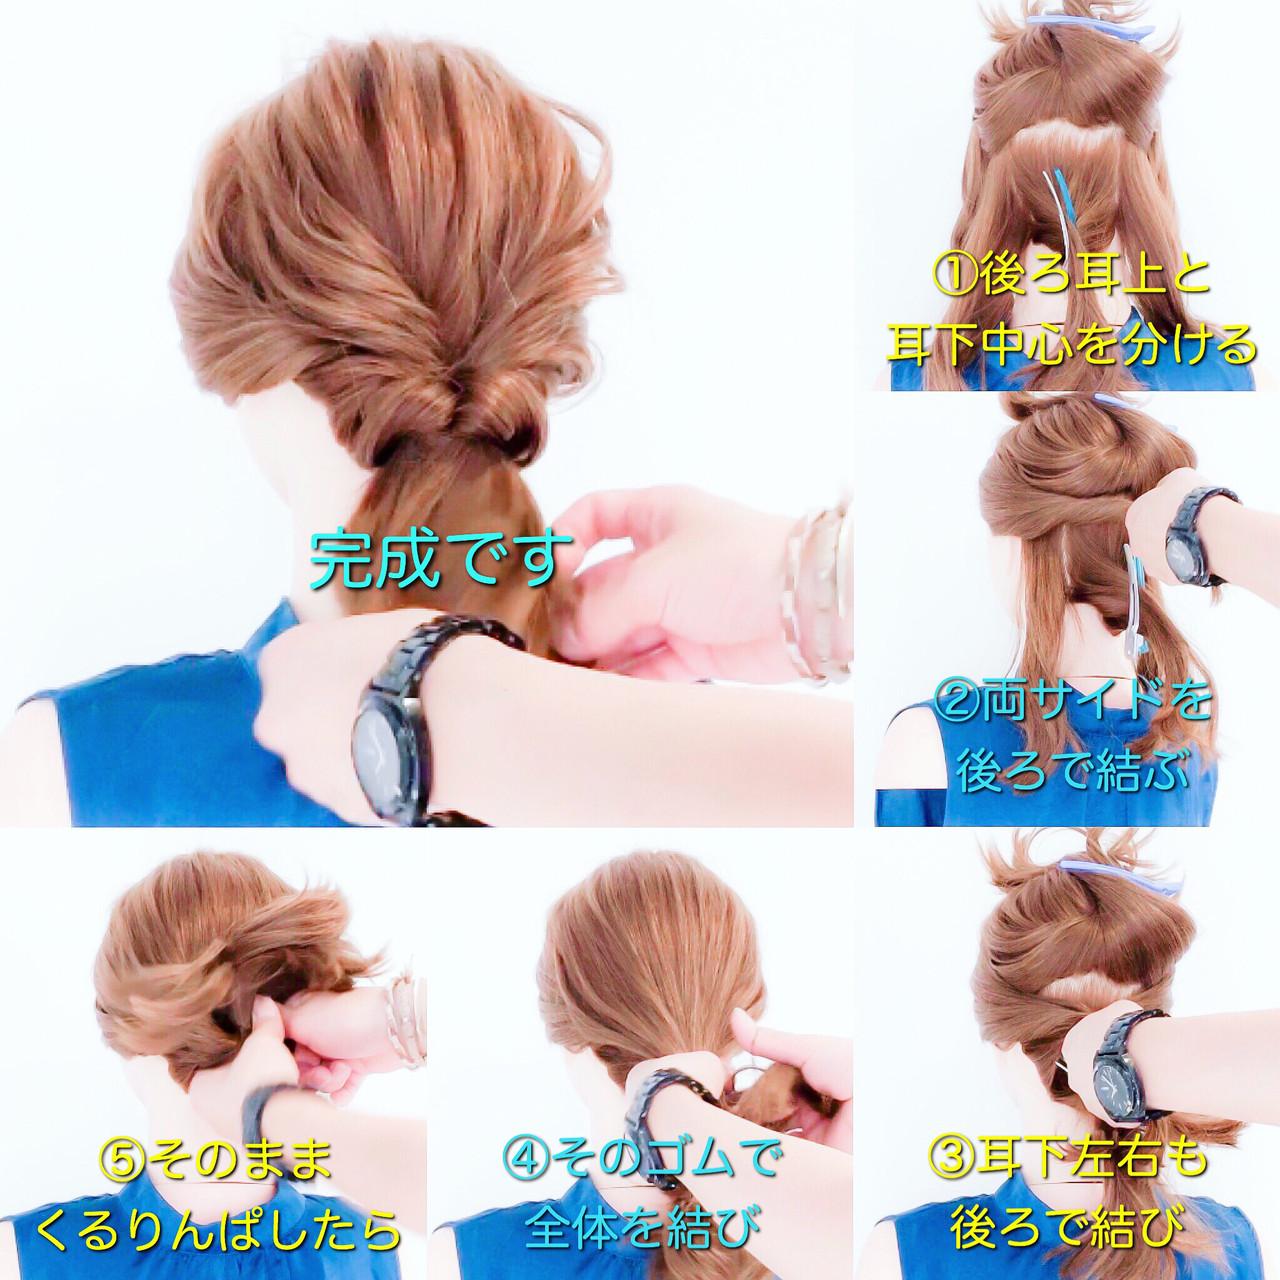 オフィス ダウンスタイル 簡単ヘアアレンジ エレガント ヘアスタイルや髪型の写真・画像